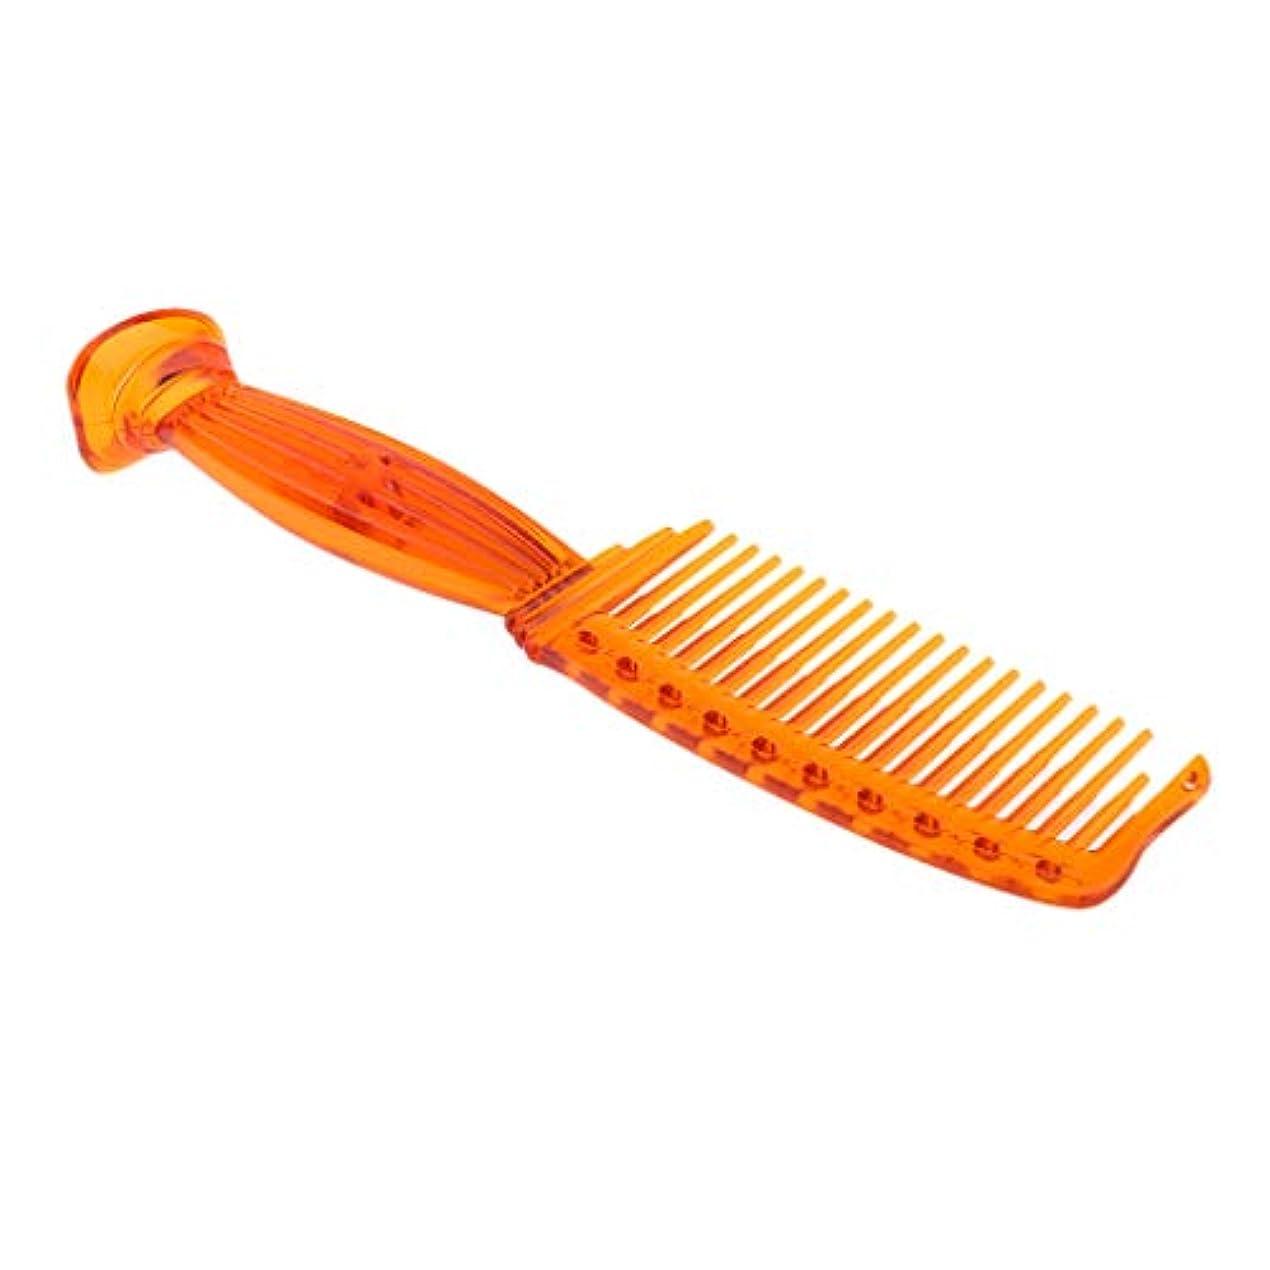 差し控えるソフトウェア不安SM SunniMix ヘアコーム ヘアブラシ ワイド歯 プラスチック プロ ヘアサロン 理髪師 全5色選べ - オレンジ